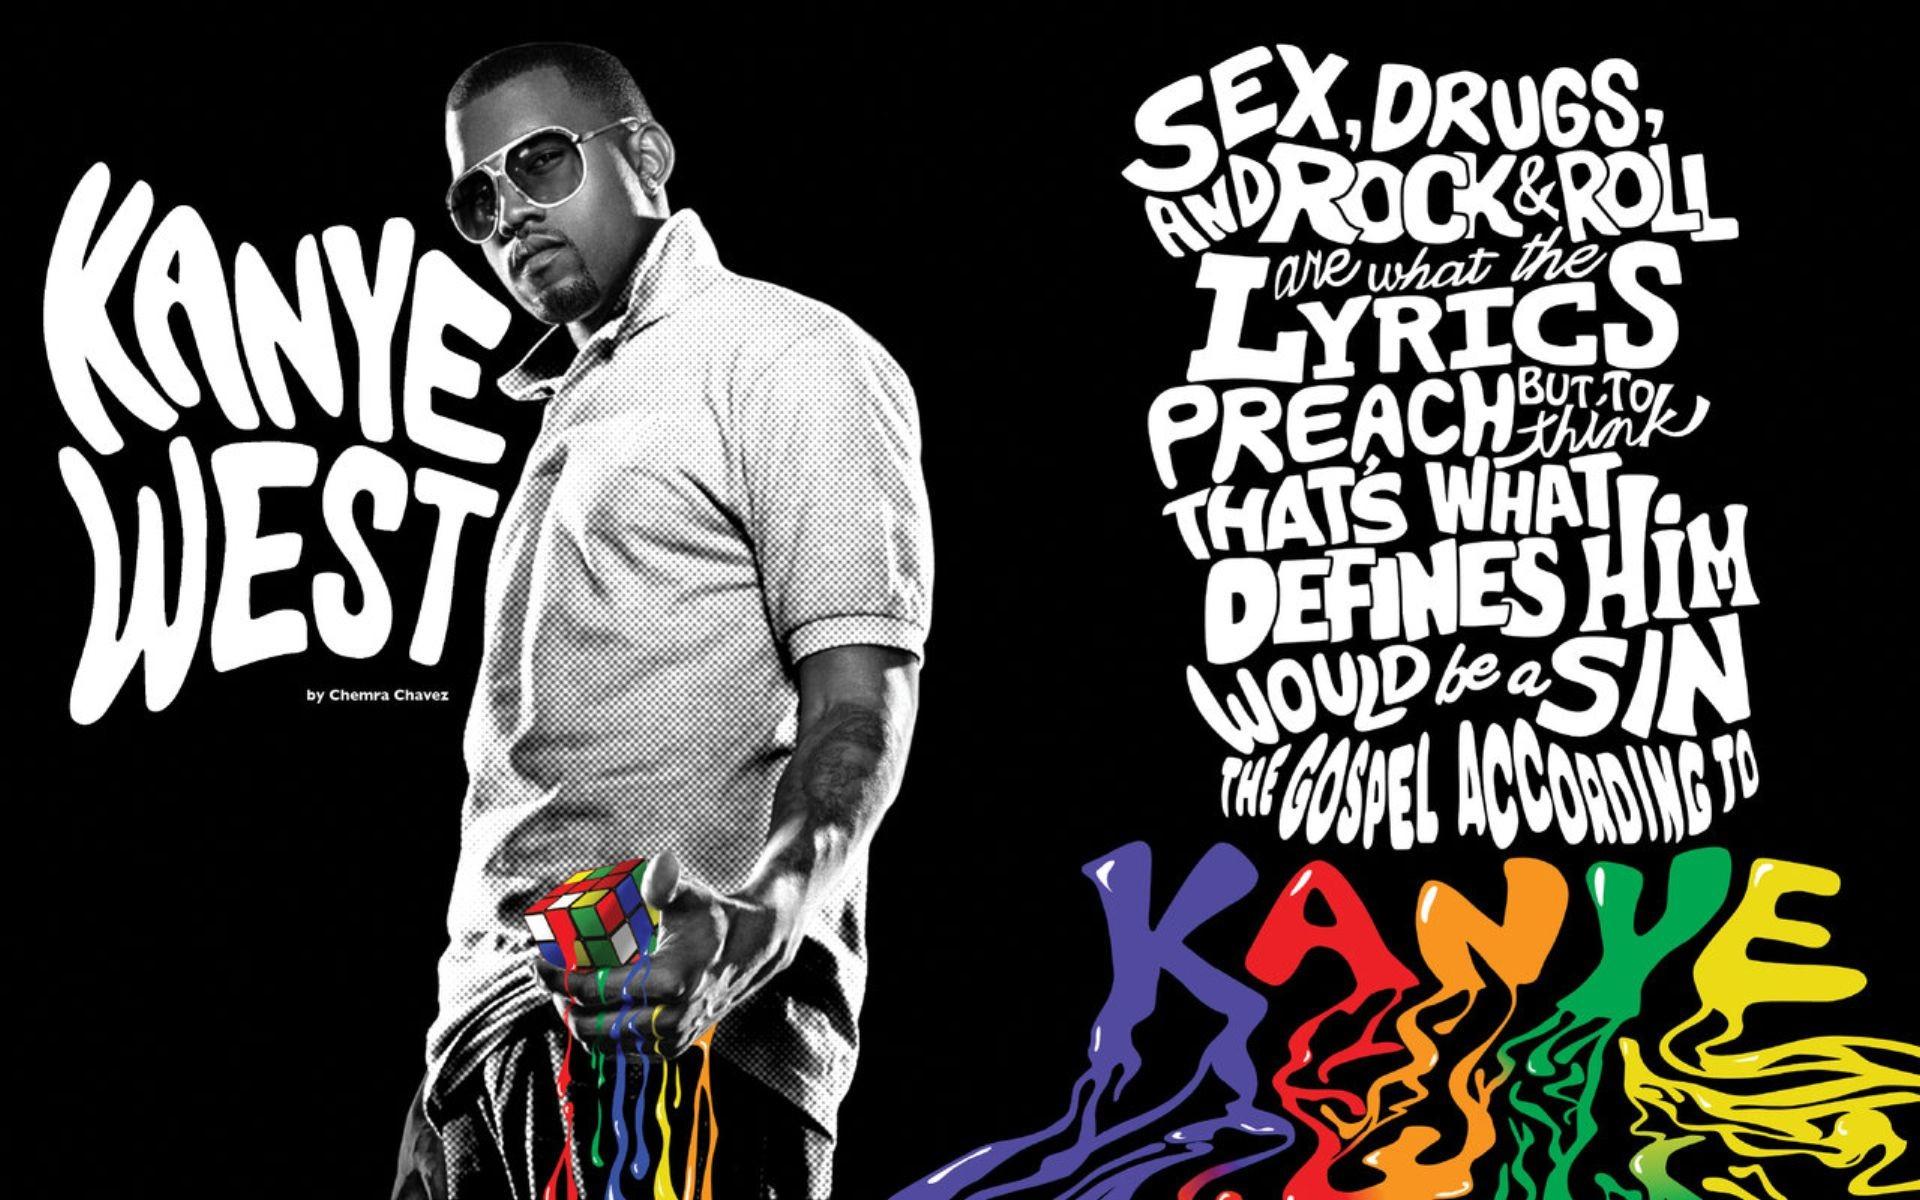 Kanye West Wallpaper 27